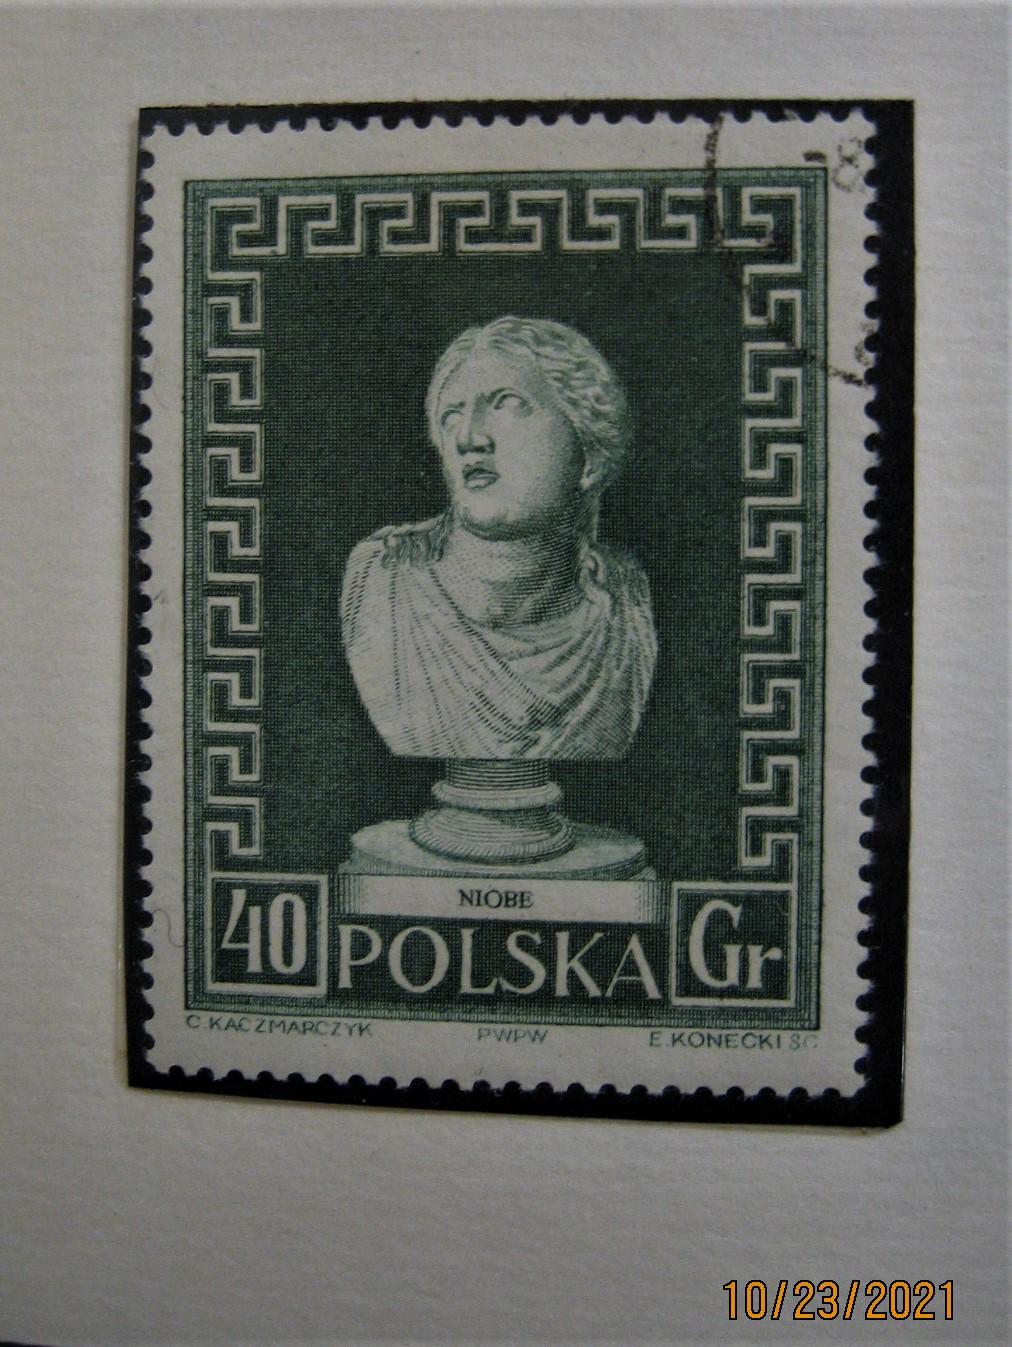 марка Польши 1956-11-19 из серии «Неделя международных музеев (ЮНЕСКО)» изображена «Скульптура умирающей Ниобы», № Mi:PL 990, Sn:PL 746, Yt:PL 878, Sg:PL 984, AFA:PL 880, Pol:PL 837, номинал — 40 gr